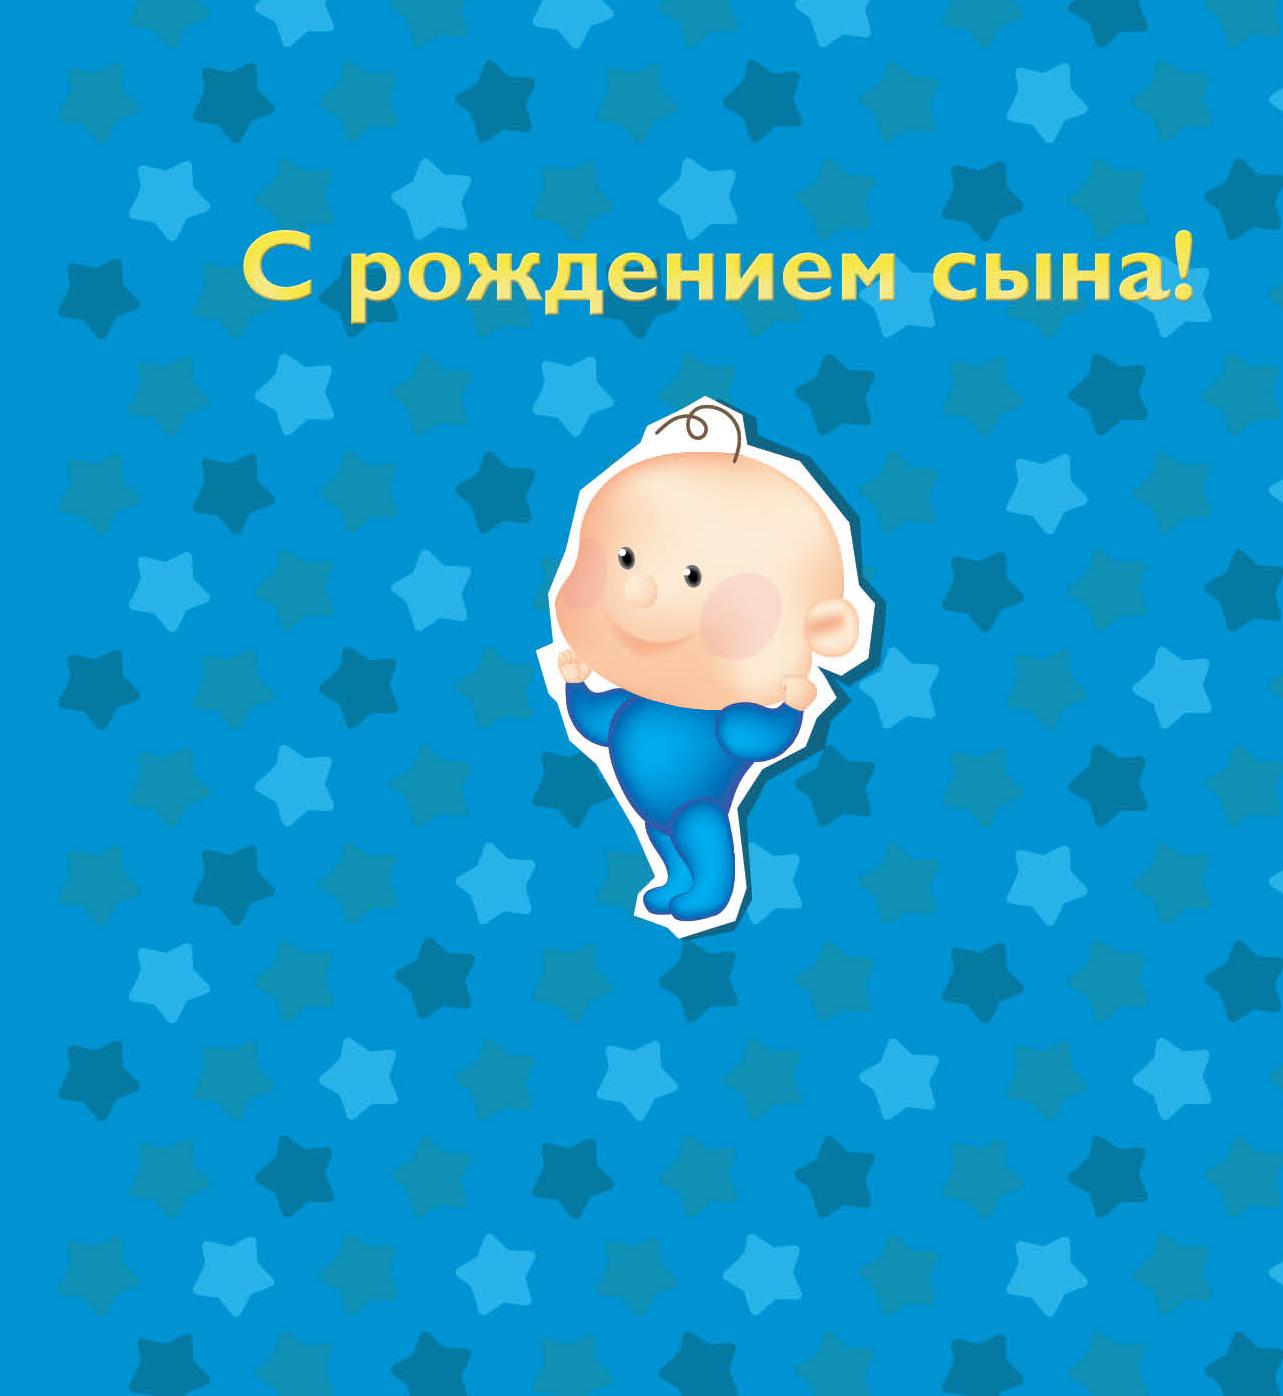 Скачать поздравление с рождением сына маме